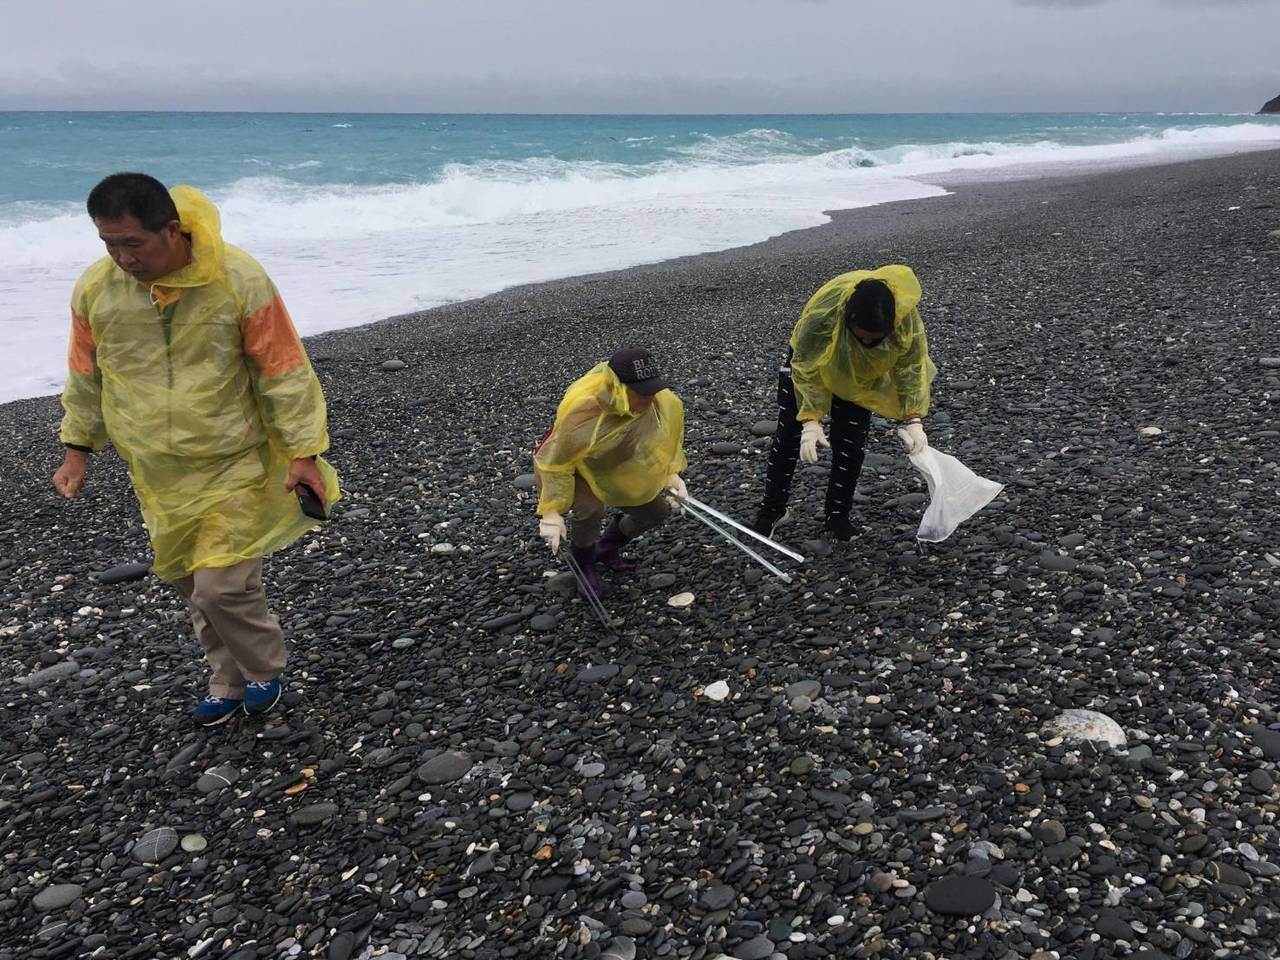 花蓮縣七星潭海邊近日出現零星藍瓶僧帽水母,縣府派員清除。圖/花蓮縣府提供